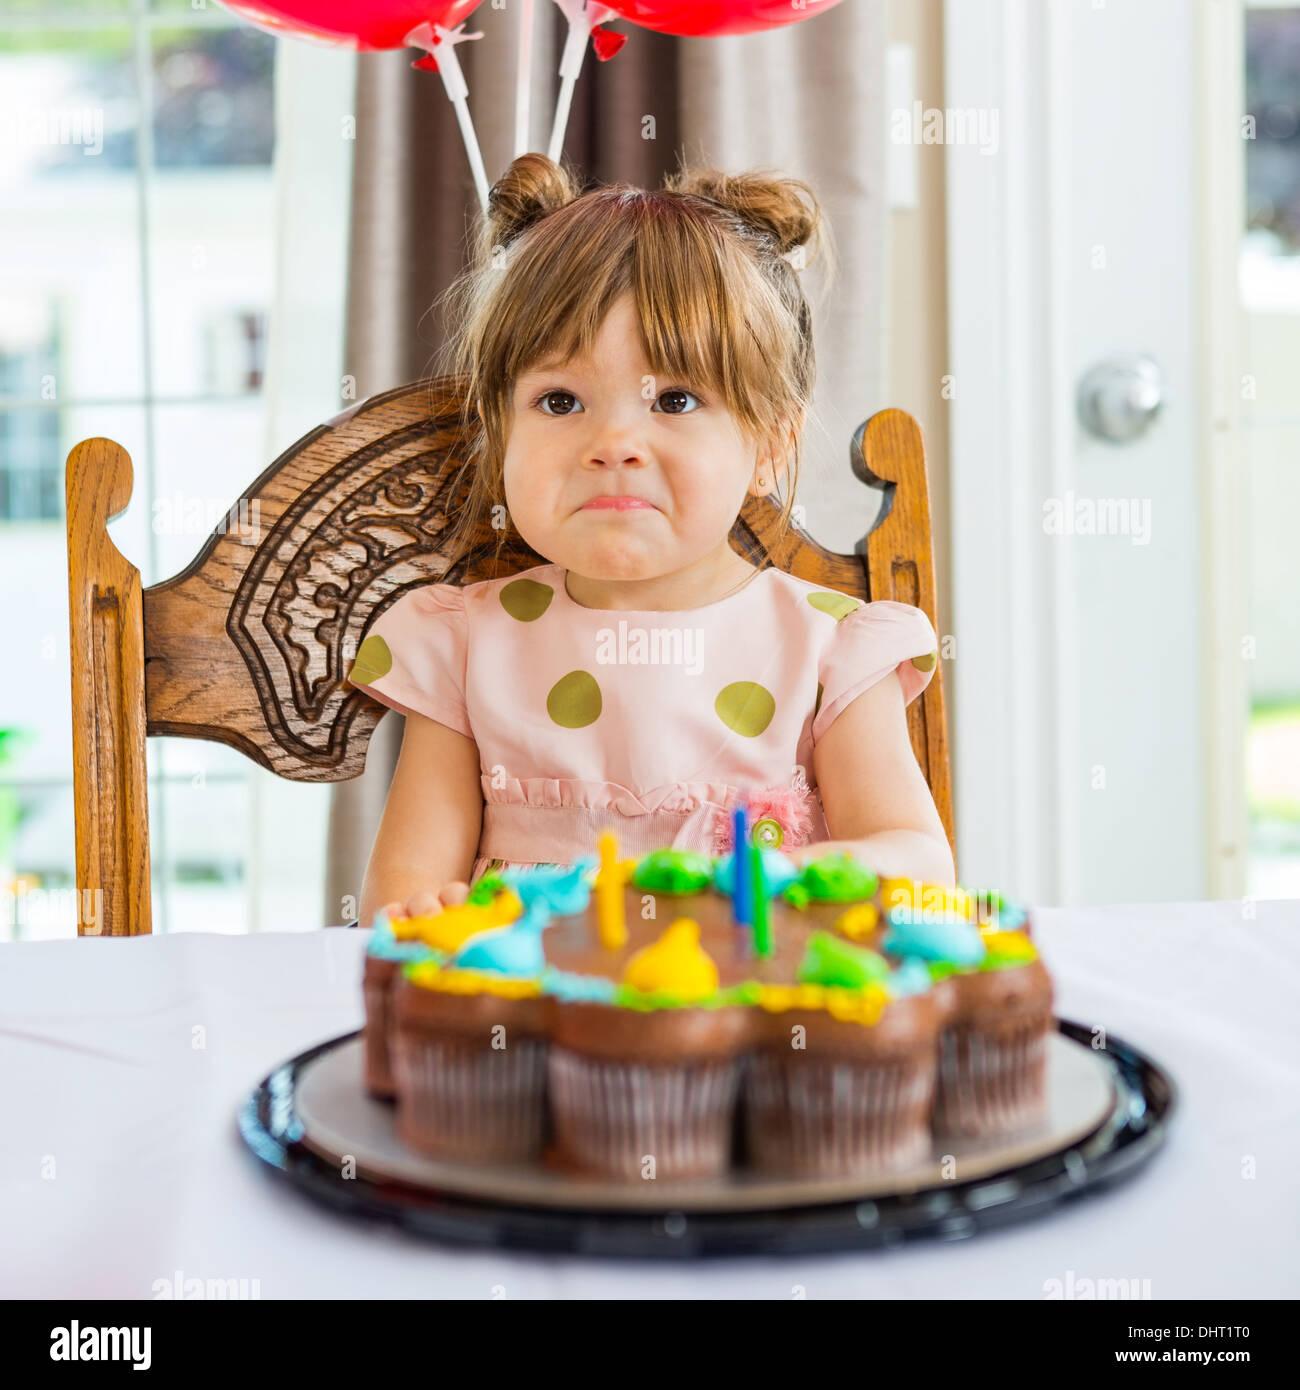 Geburtstagskind sitzt vor Kuchen Stockbild